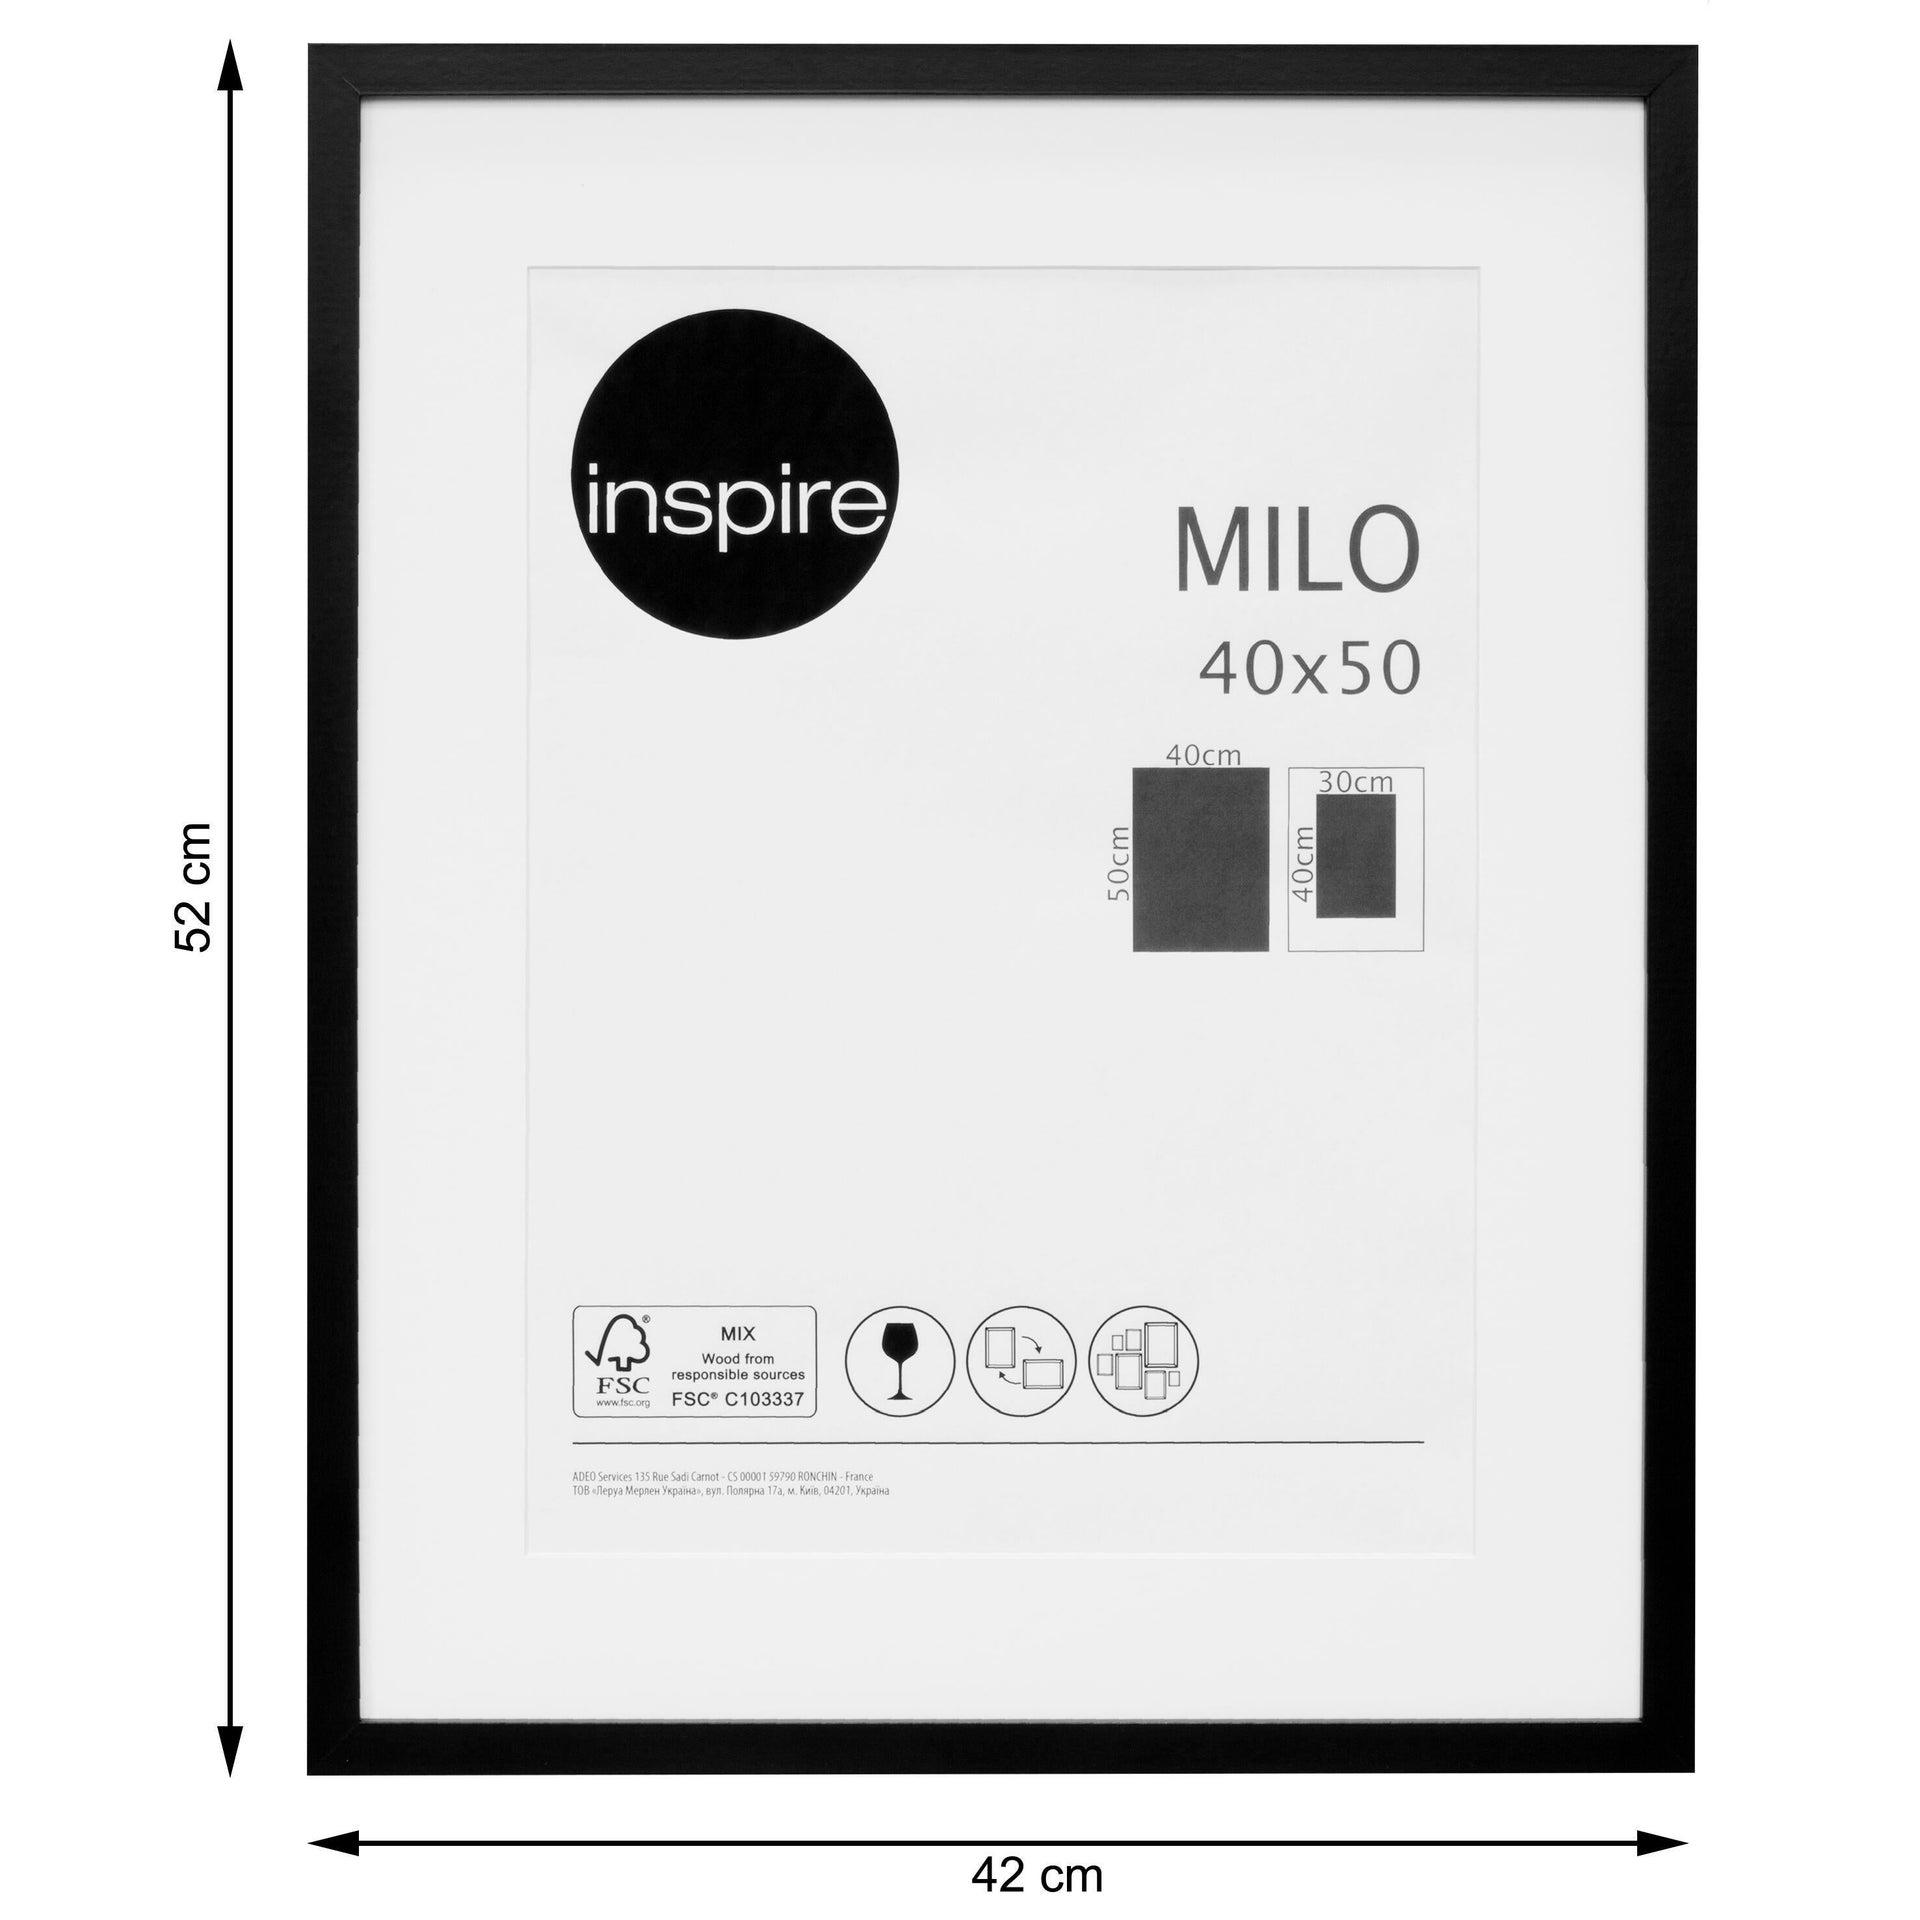 Cornice con passe-partout Inspire milo nero 40x50 cm - 2